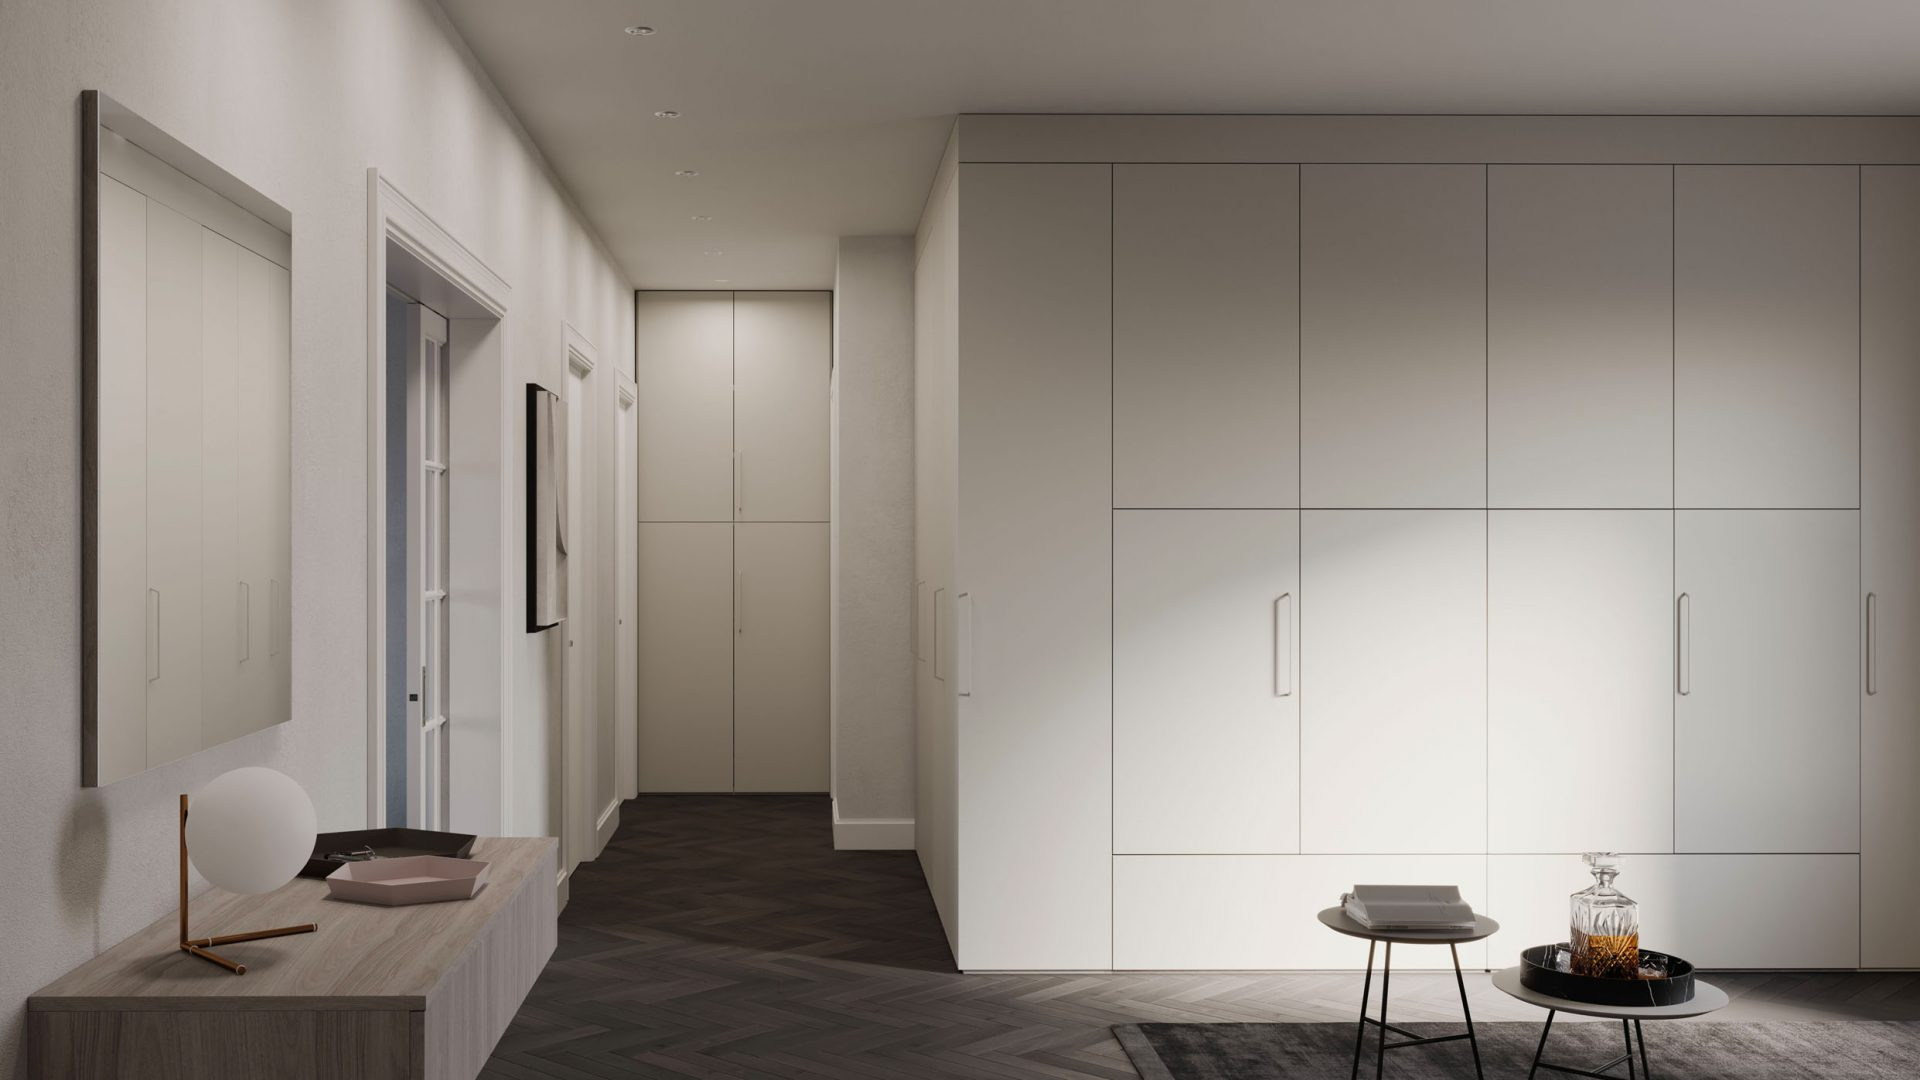 nardiinterni-casa05-85mq-soggiorno-01-1920×1080